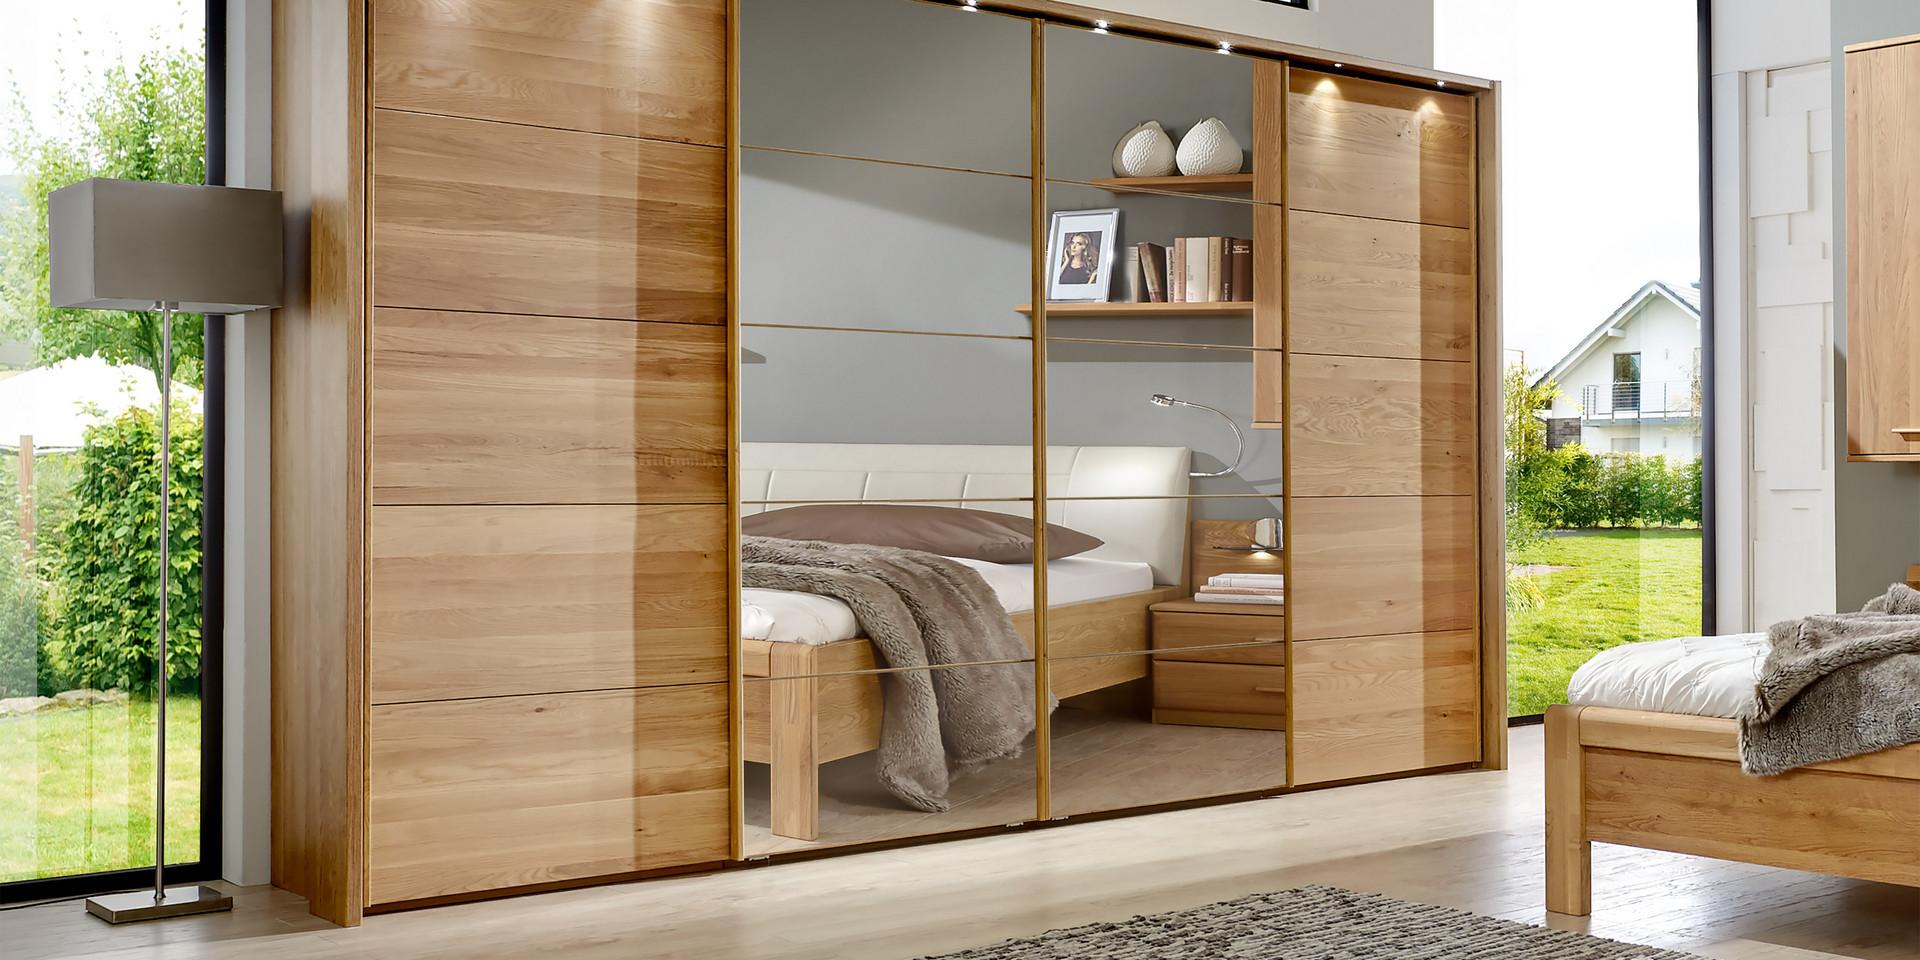 Entdecken Sie hier das Programm Toledo  Möbelhersteller Wiemann